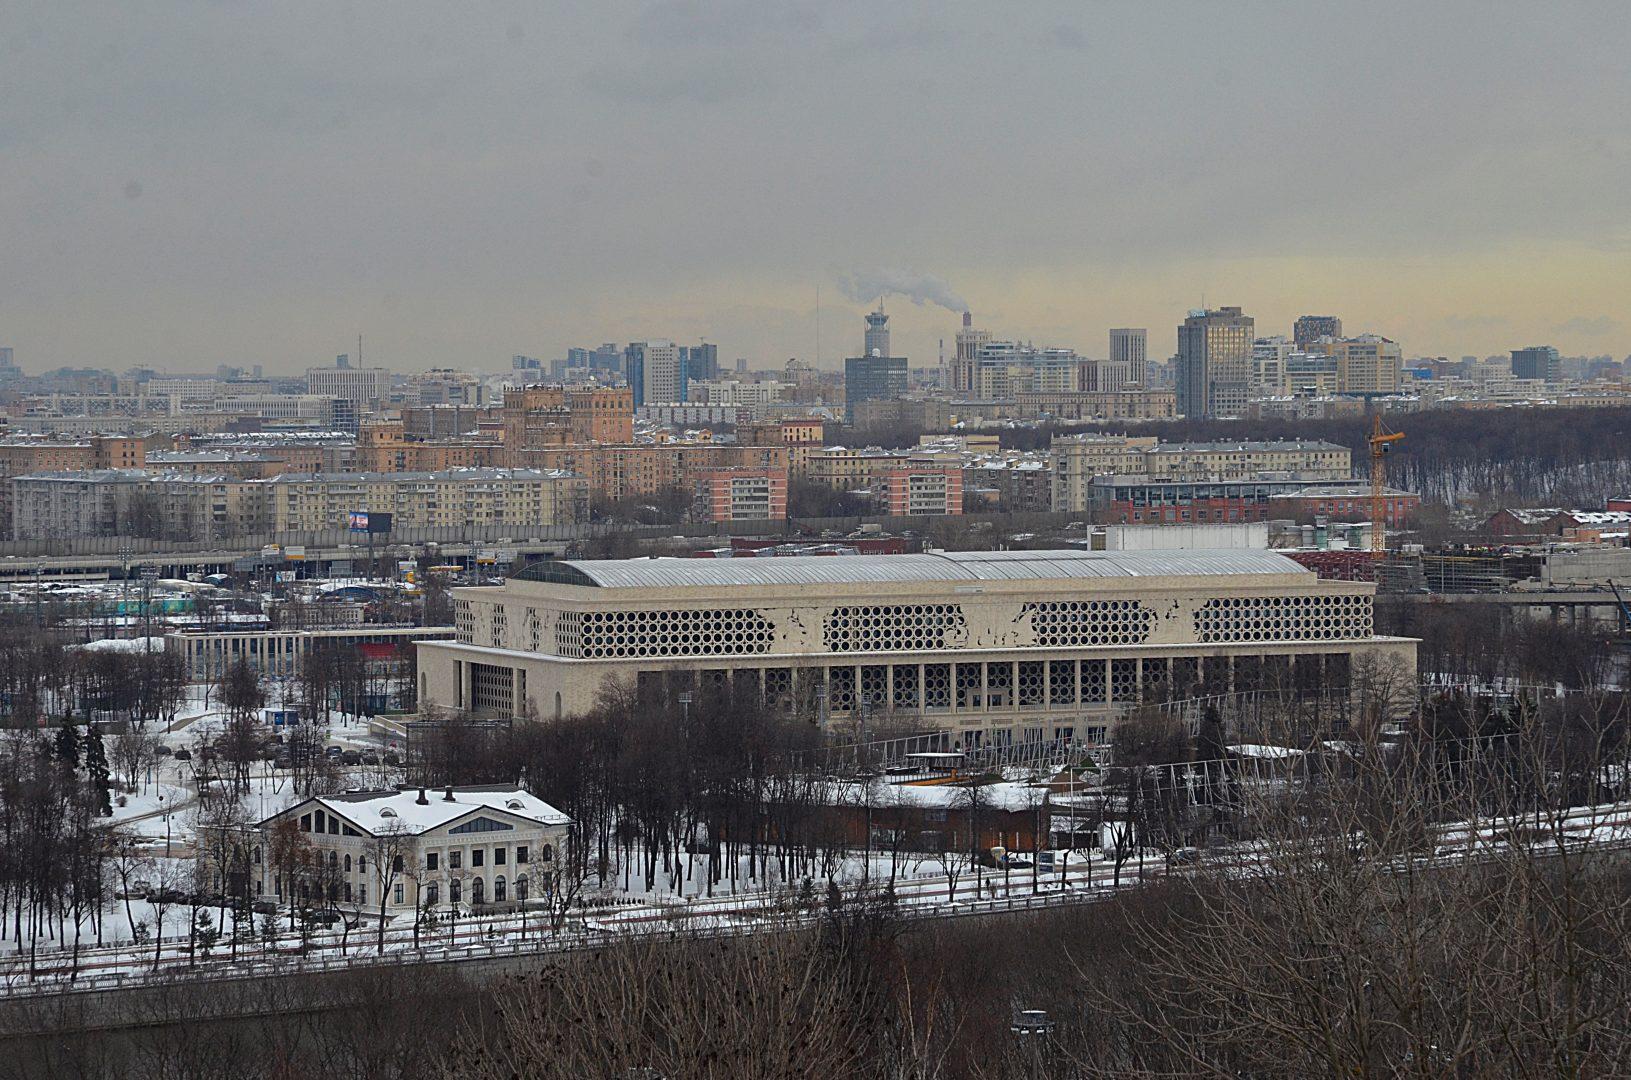 Москвичи через благотворительный сервис на mos.ru помогают многодетным семьям и бездомным животным. Фото: Анна Быкова